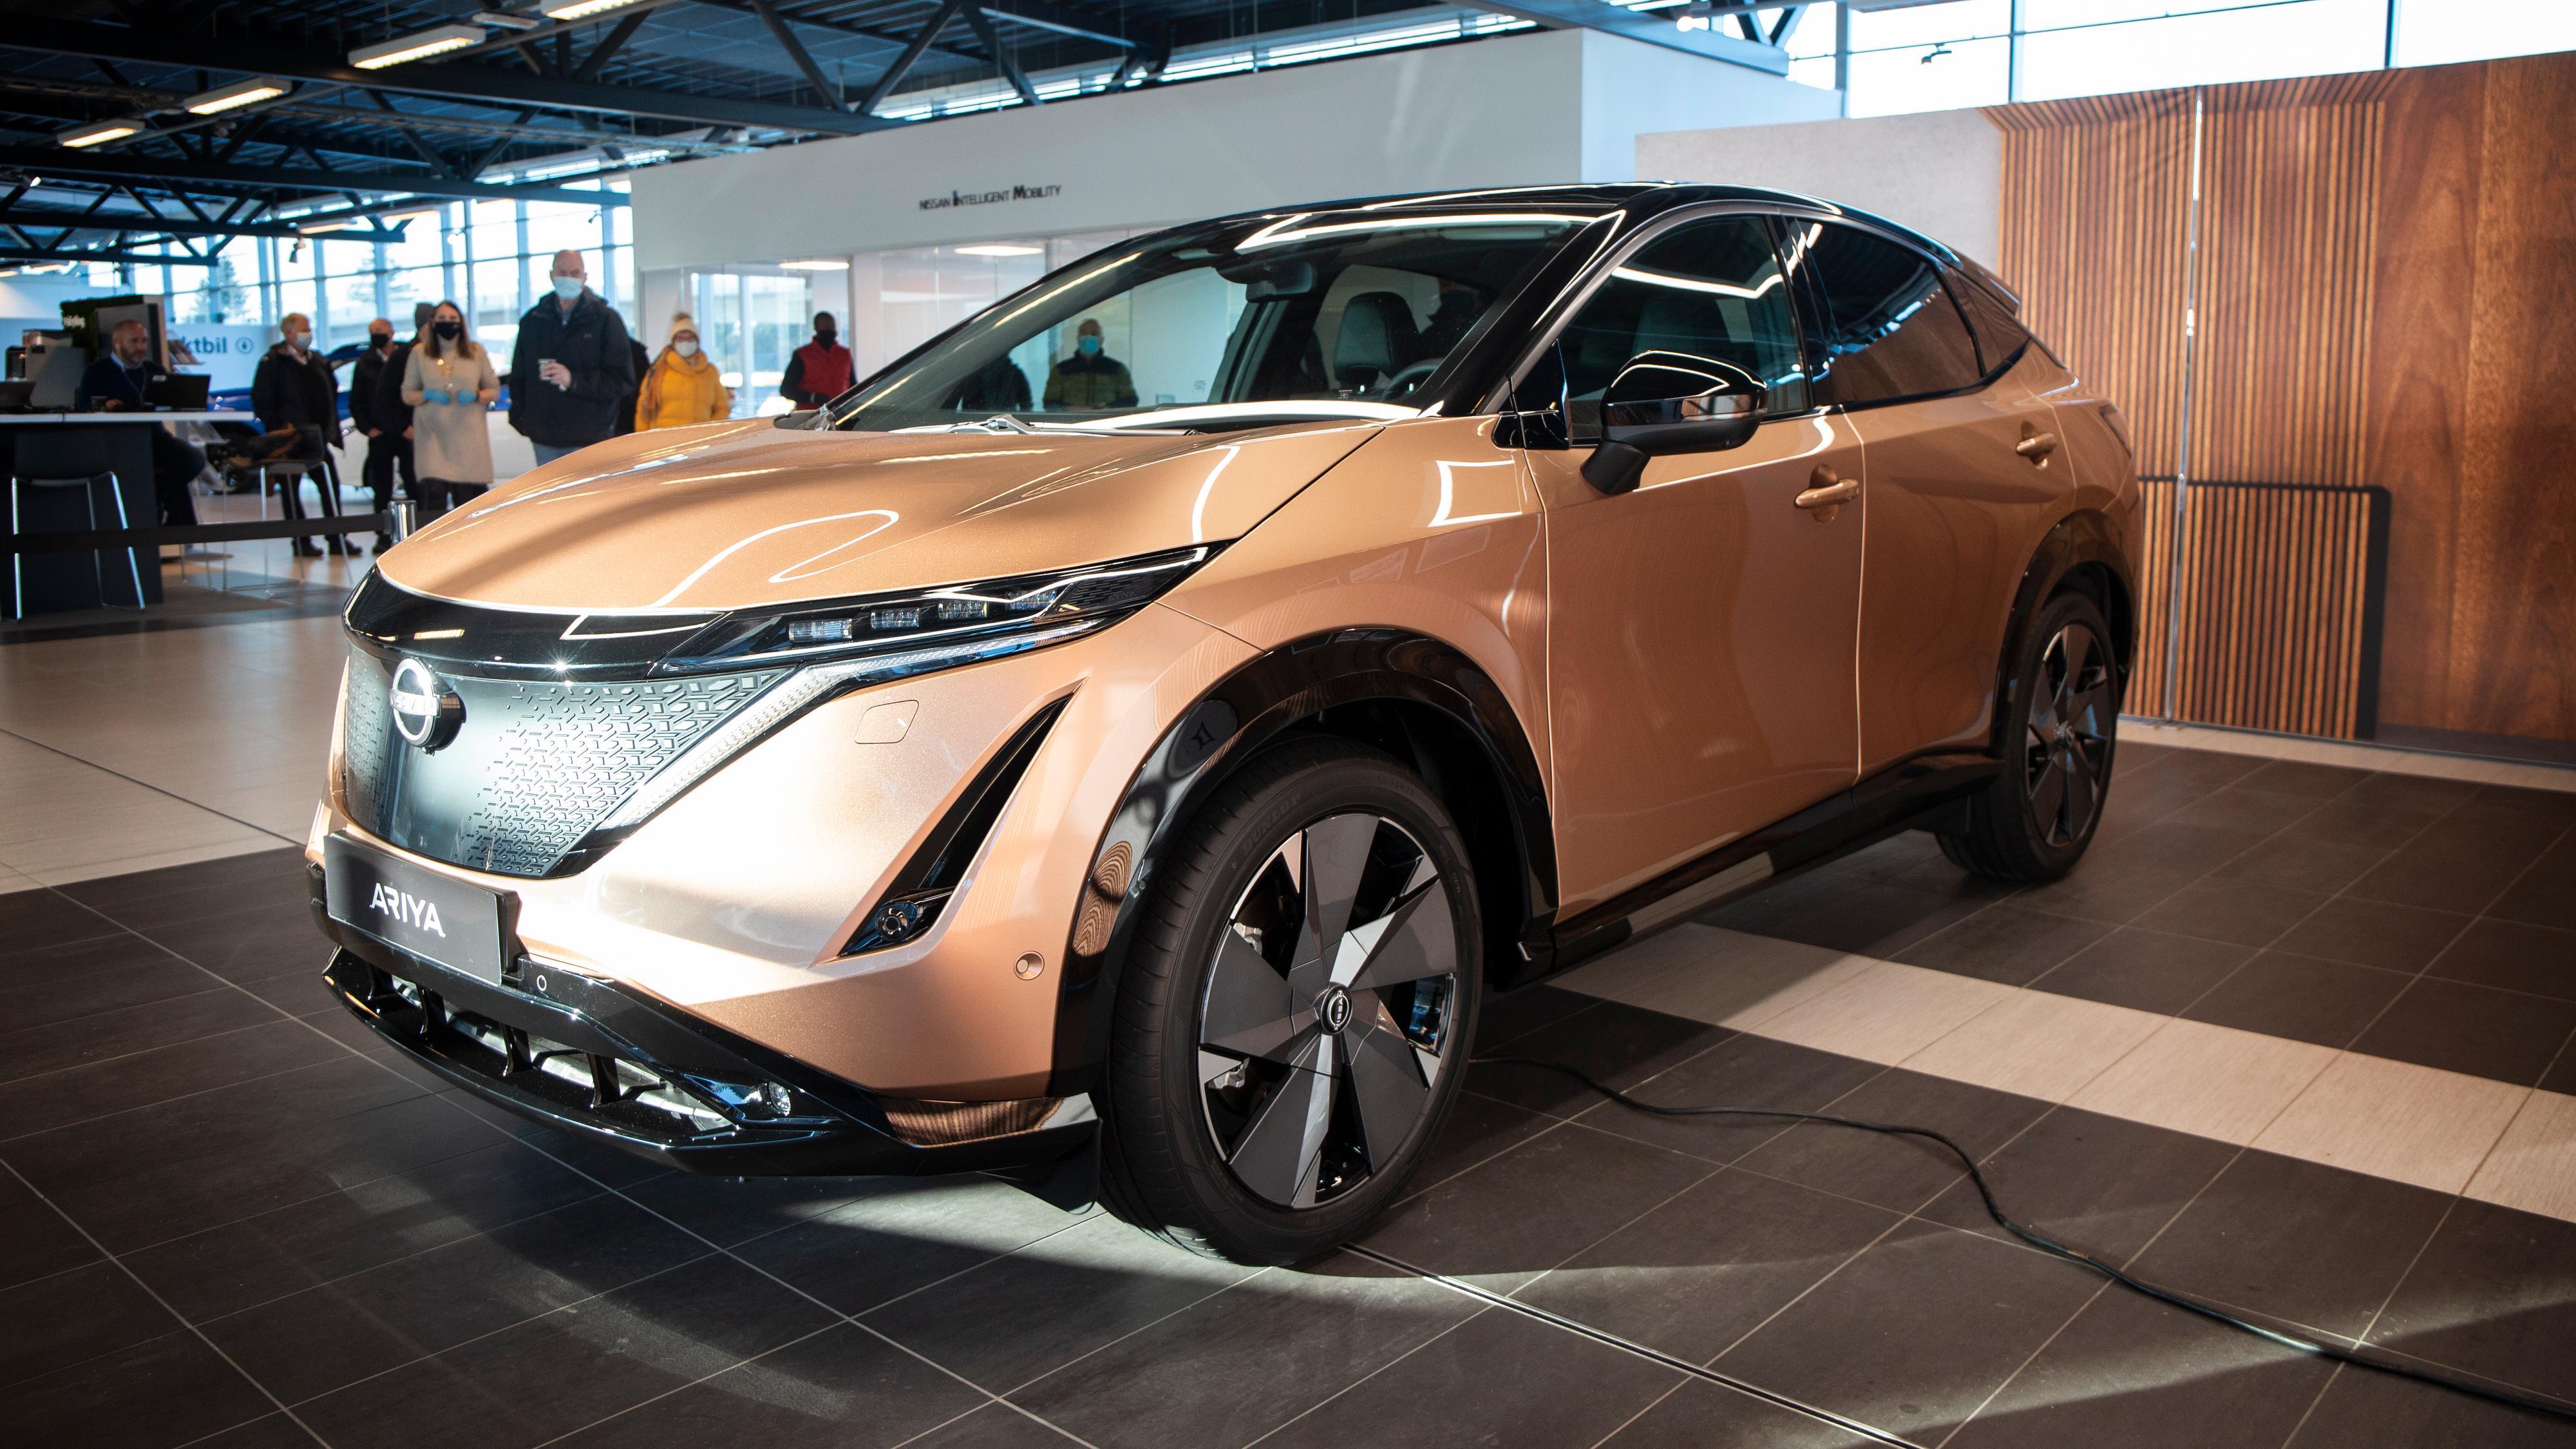 Nissan Ariya er på sitt første norgesbesøk. Fortsatt er det likevel et knapt år til vi får se dem på norske veier.